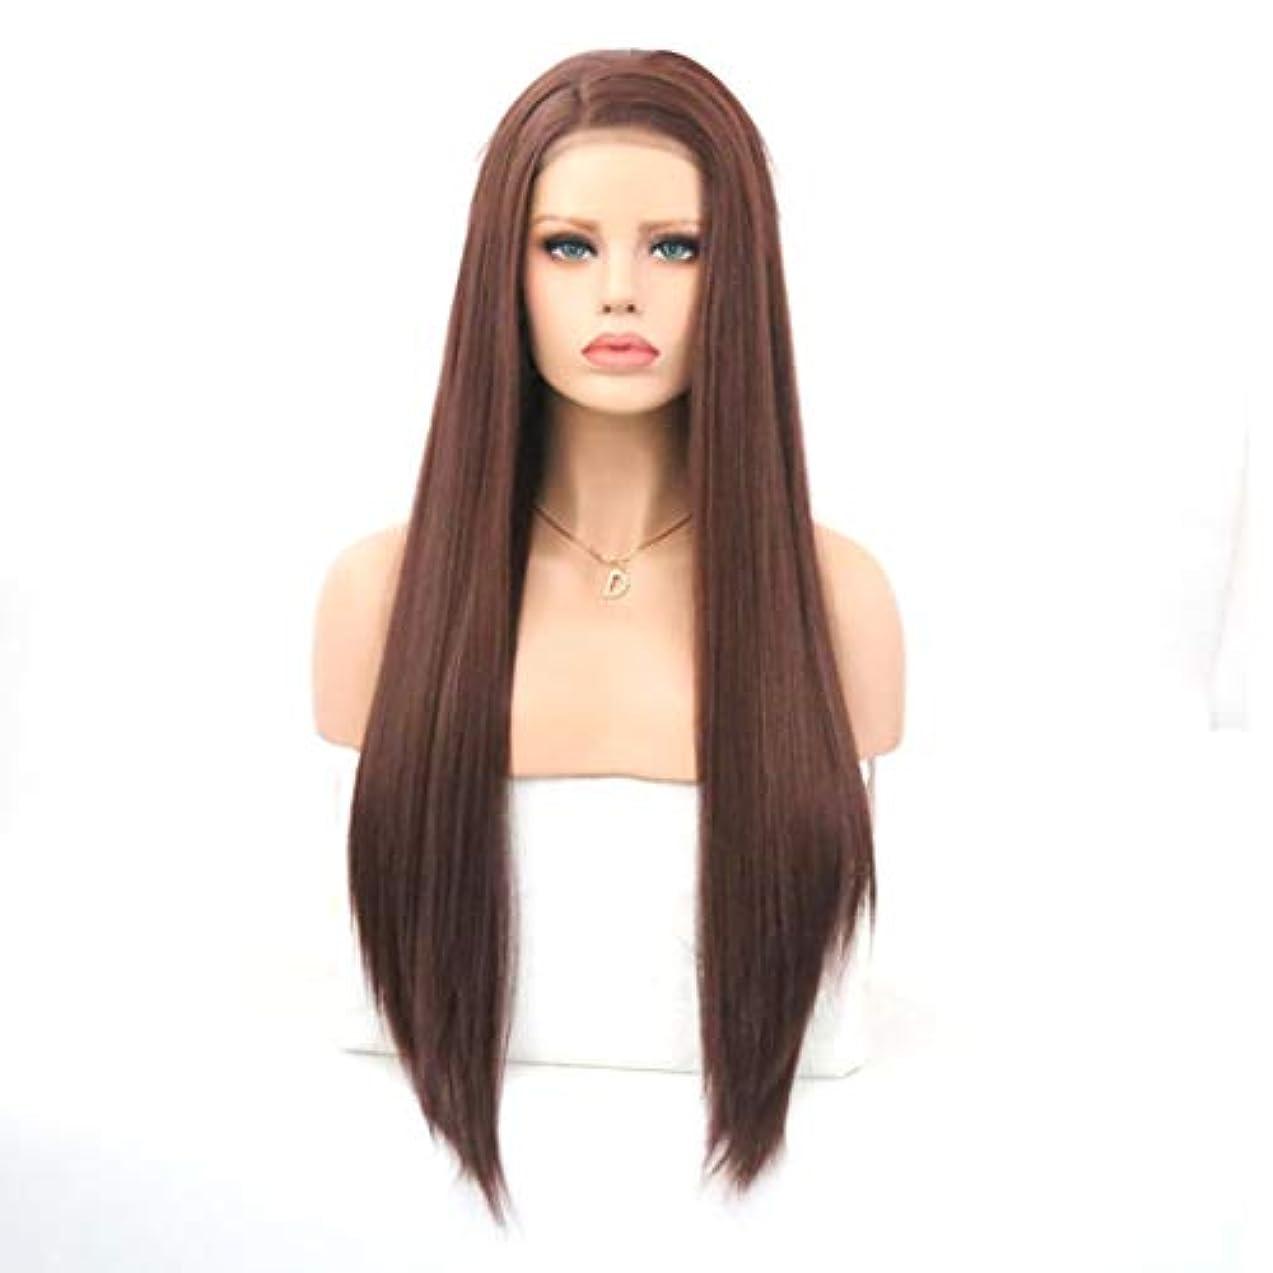 思想予測なのでSummerys 茶色のフロントレース化学繊維かつらヘッドギア高温シルクロングストレートウィッグ女性用 (Size : 20 inches)